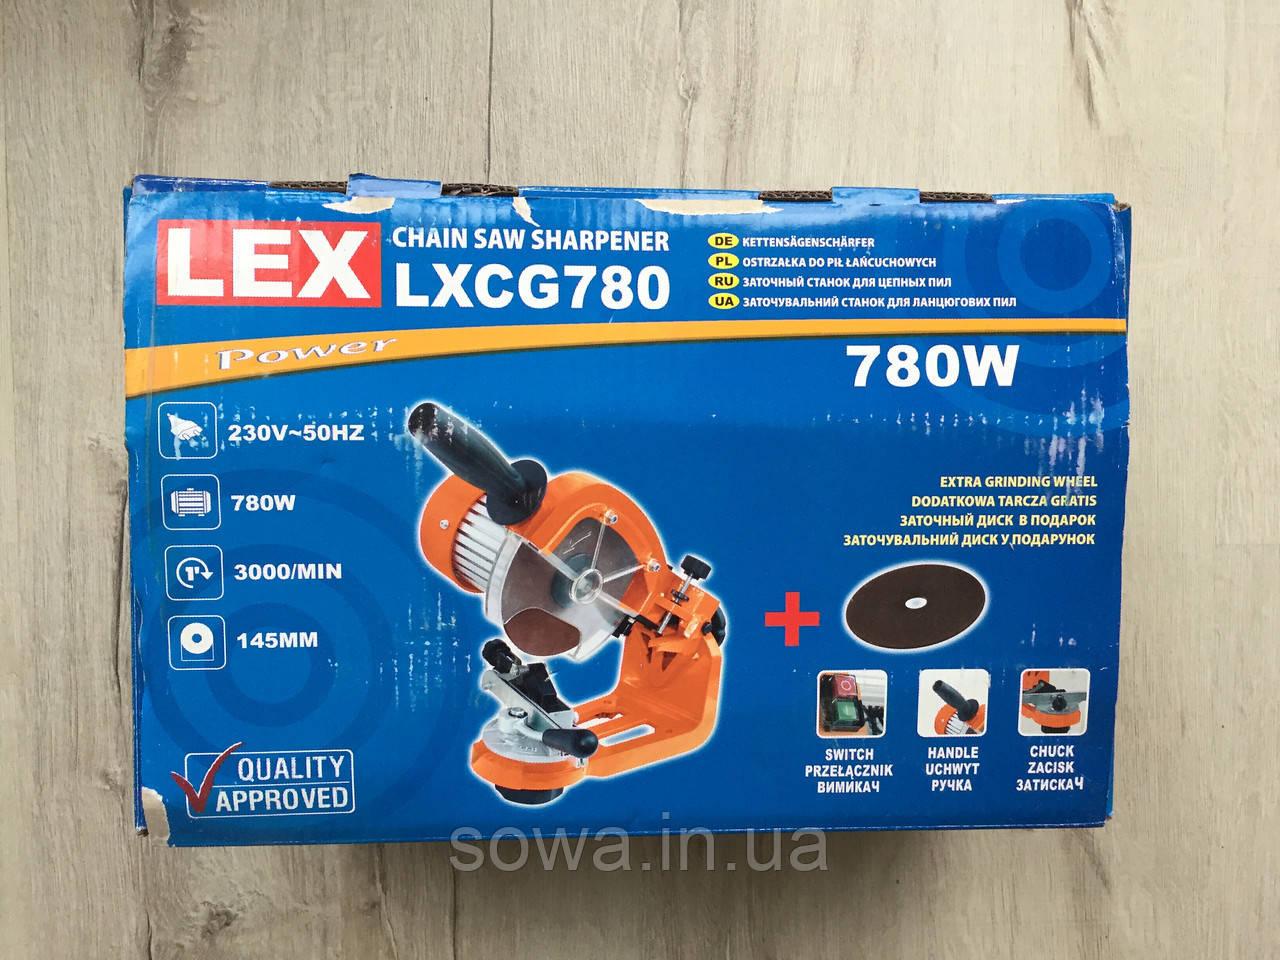 ✔️ Заточний верстат для ланцюгів Lex_лекс LXCG780 . Гарантія якості